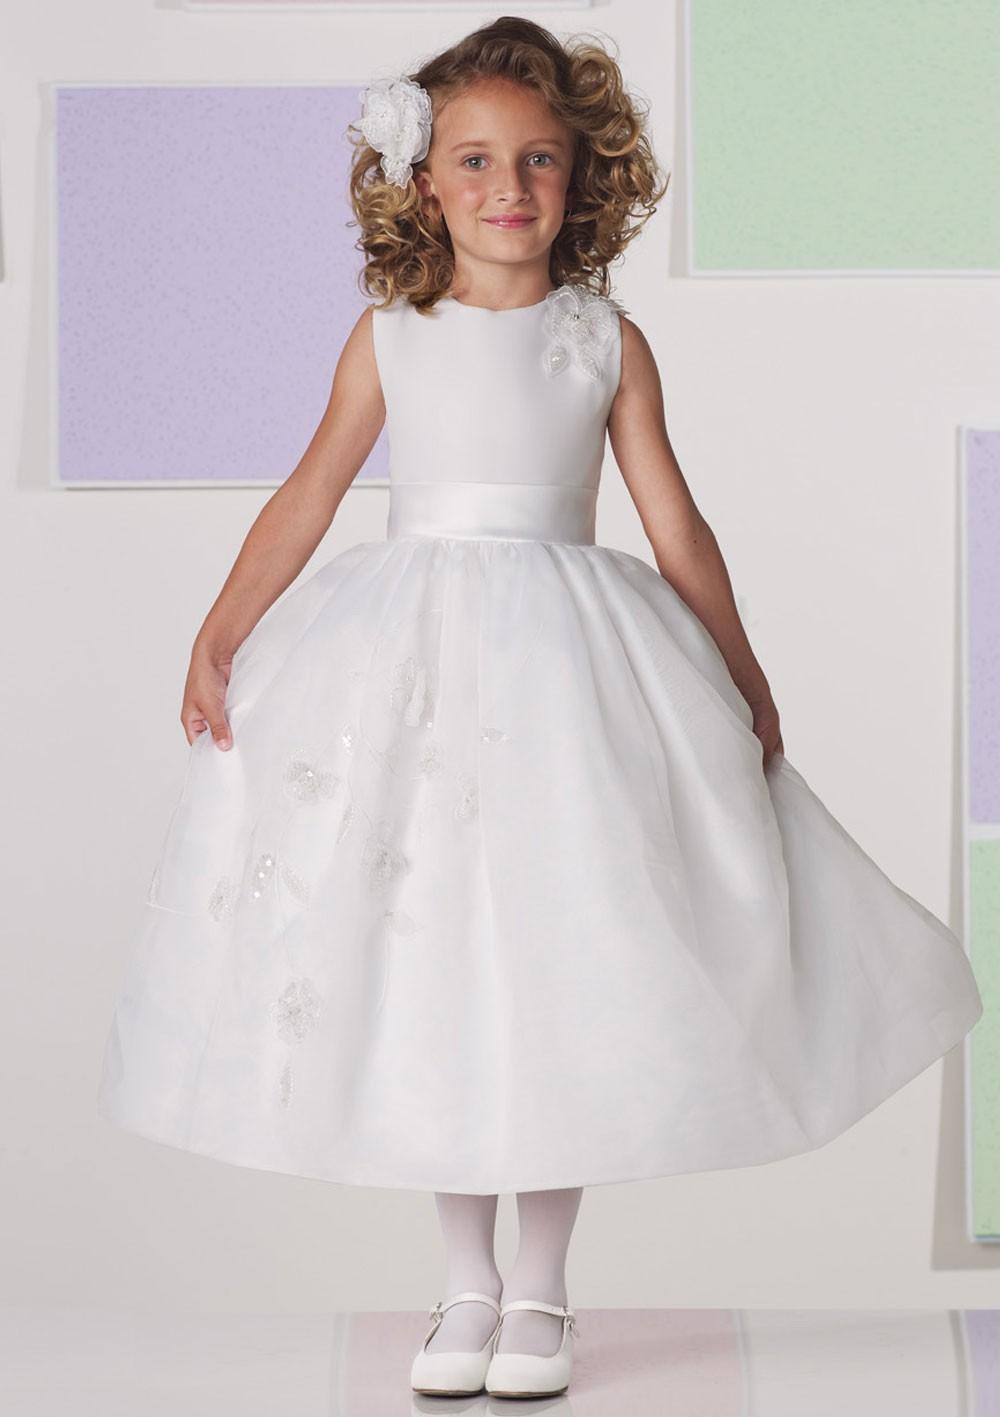 d522b9e1b6c idéé et photo décoration mariage  petite robe blanche - robe blanche ...